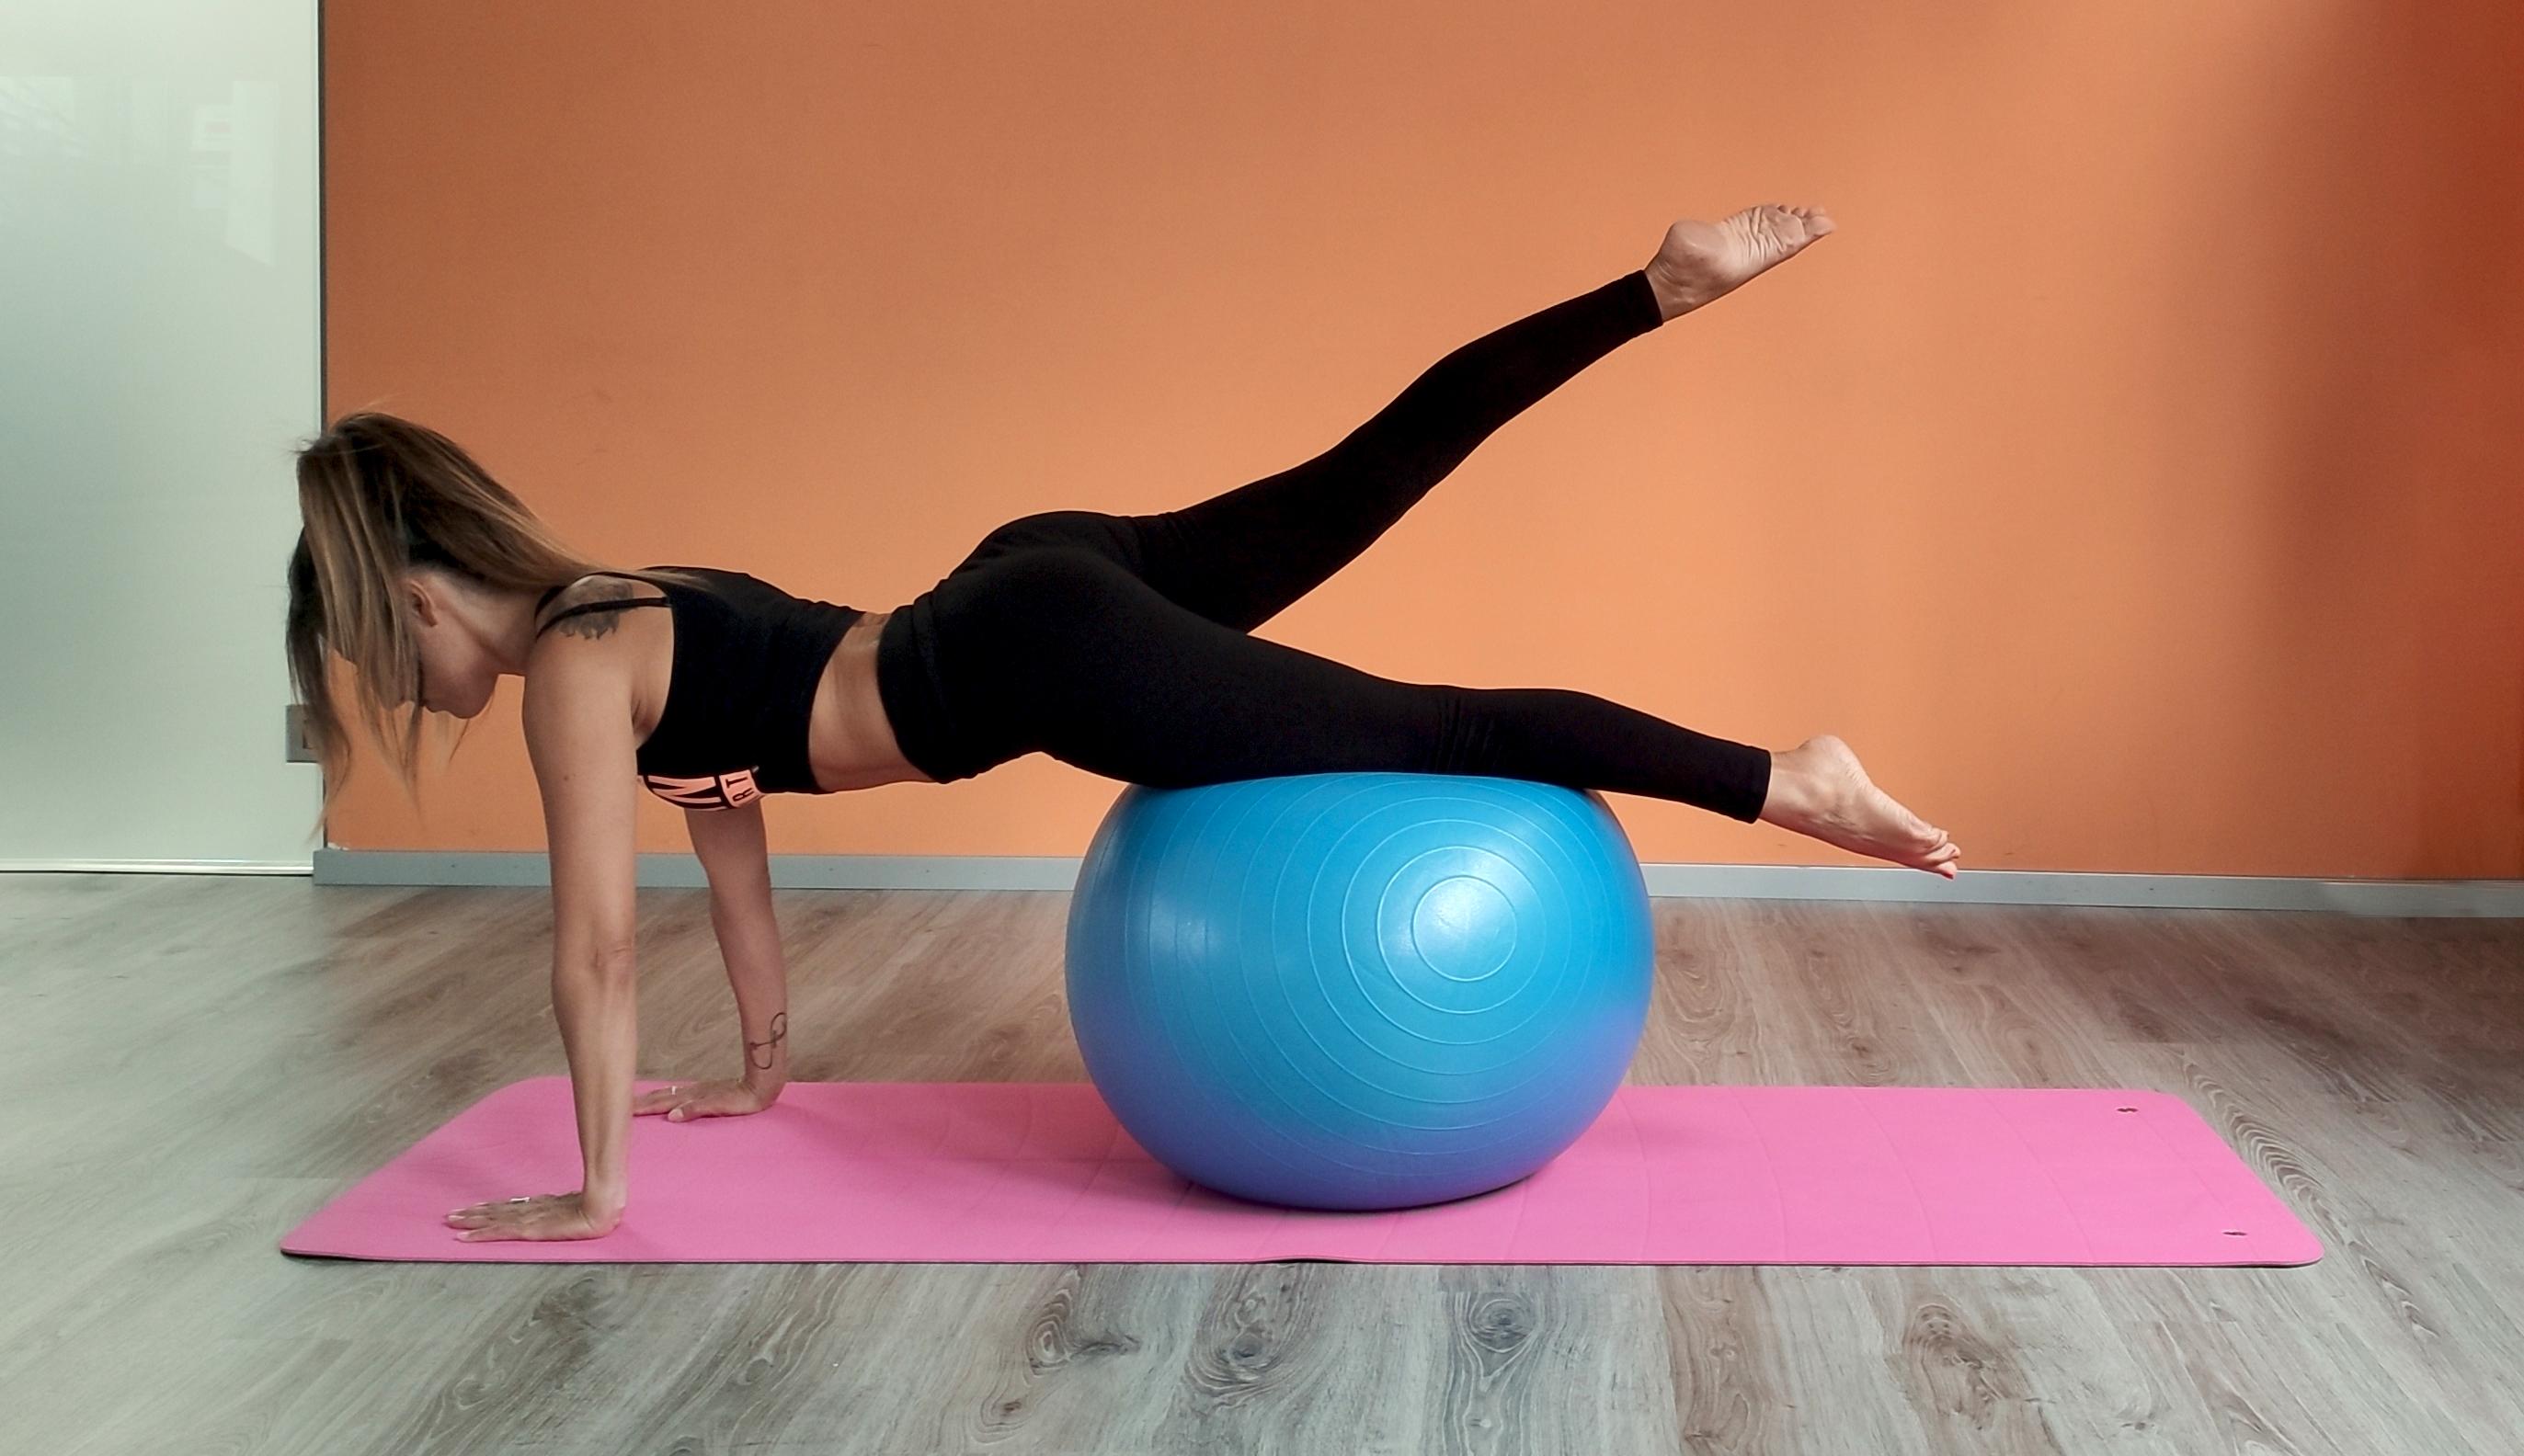 Pilates e Pavimento Pelvico nella ginnastica posturale, a cosa servono?